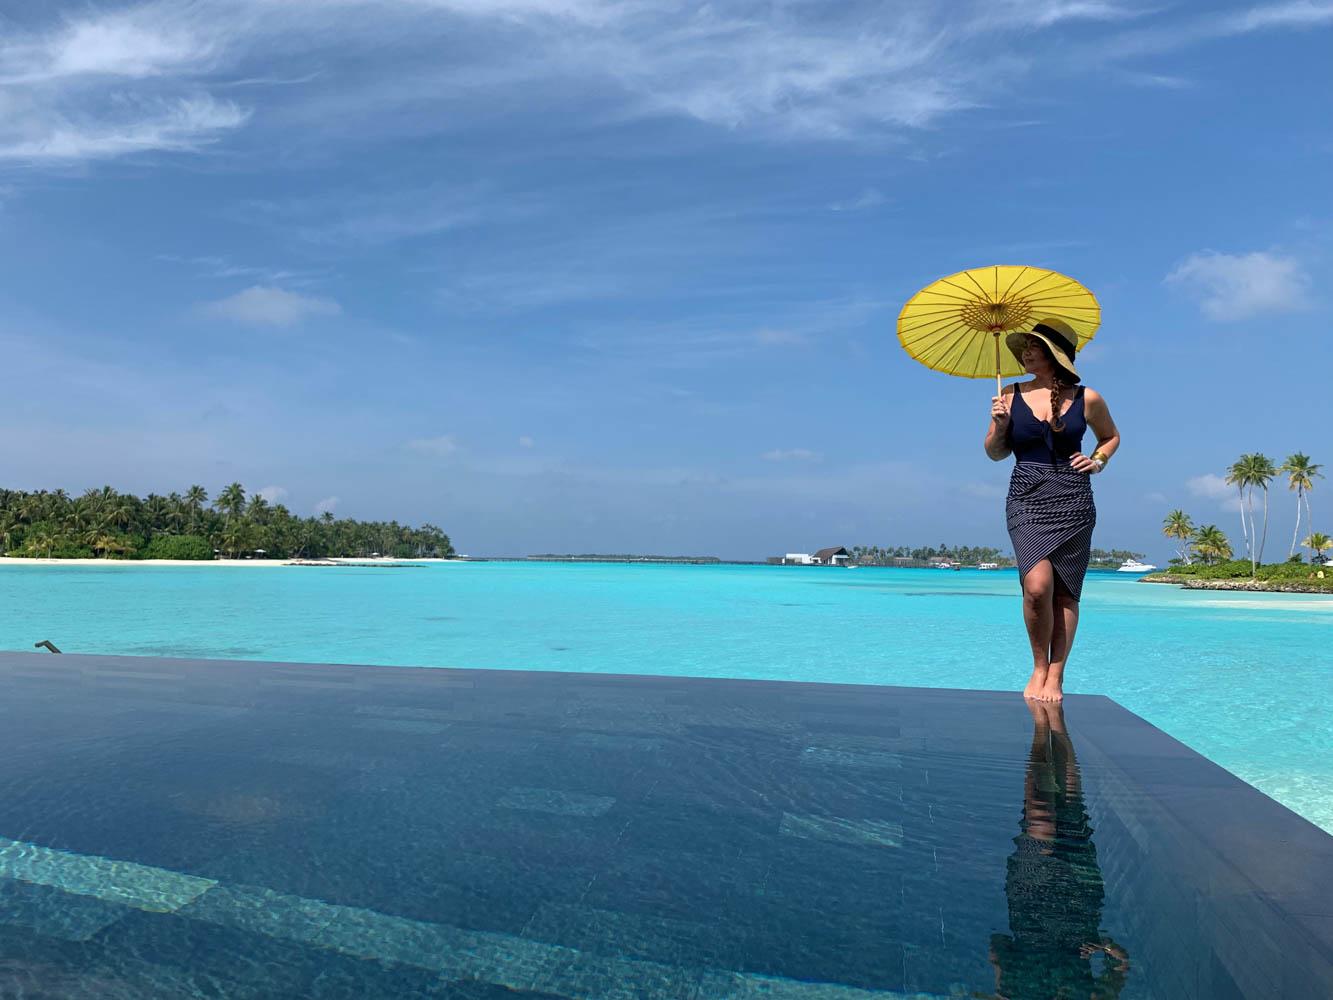 Maldives_Resort_Honeymoon_Cheval_Blanc_MaldivesTravelAdvisor-31.jpg